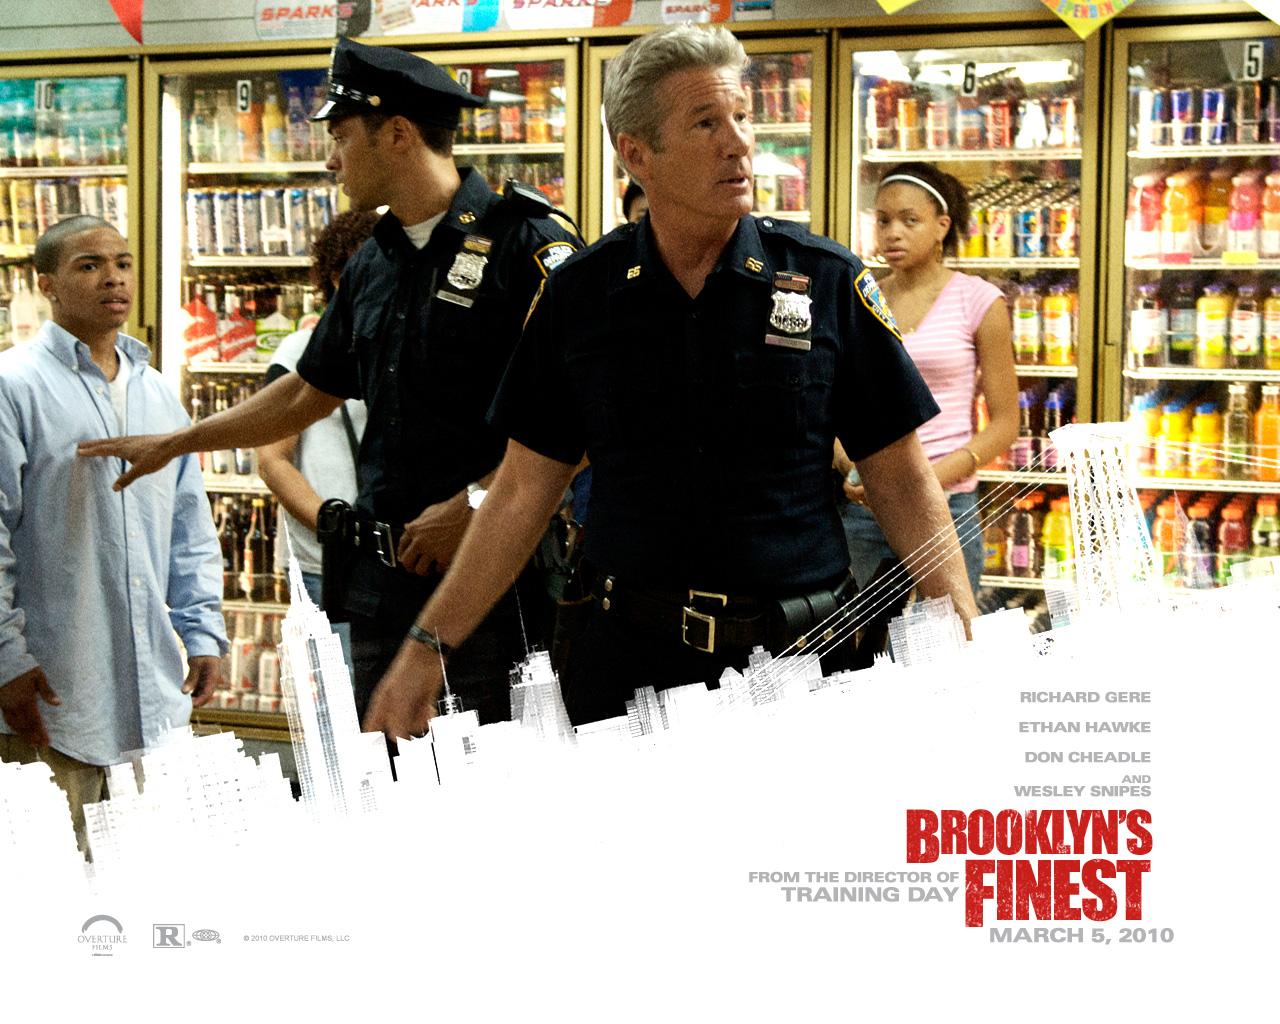 http://2.bp.blogspot.com/-d9VTmpIHIjs/TgBAlRV-DzI/AAAAAAAAFEM/O7dA3JGR5HM/s1600/Richard_Gere_in_Brooklyns_Finest_Wallpaper_5_1024.jpg